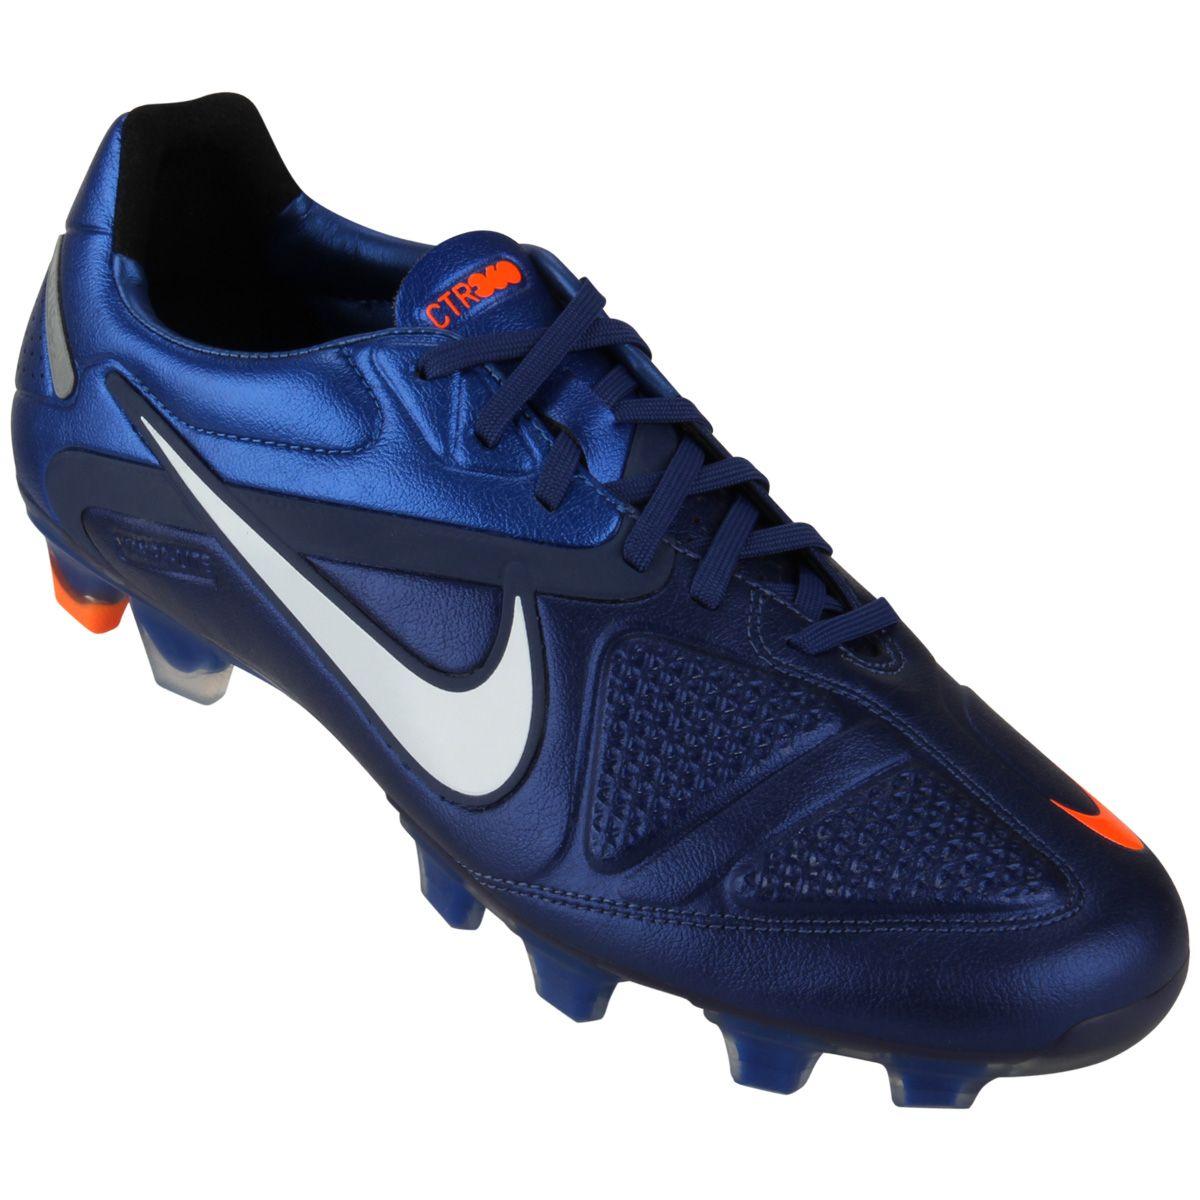 Botines Nike CTR360 Maestri 2 FG - Netshoes